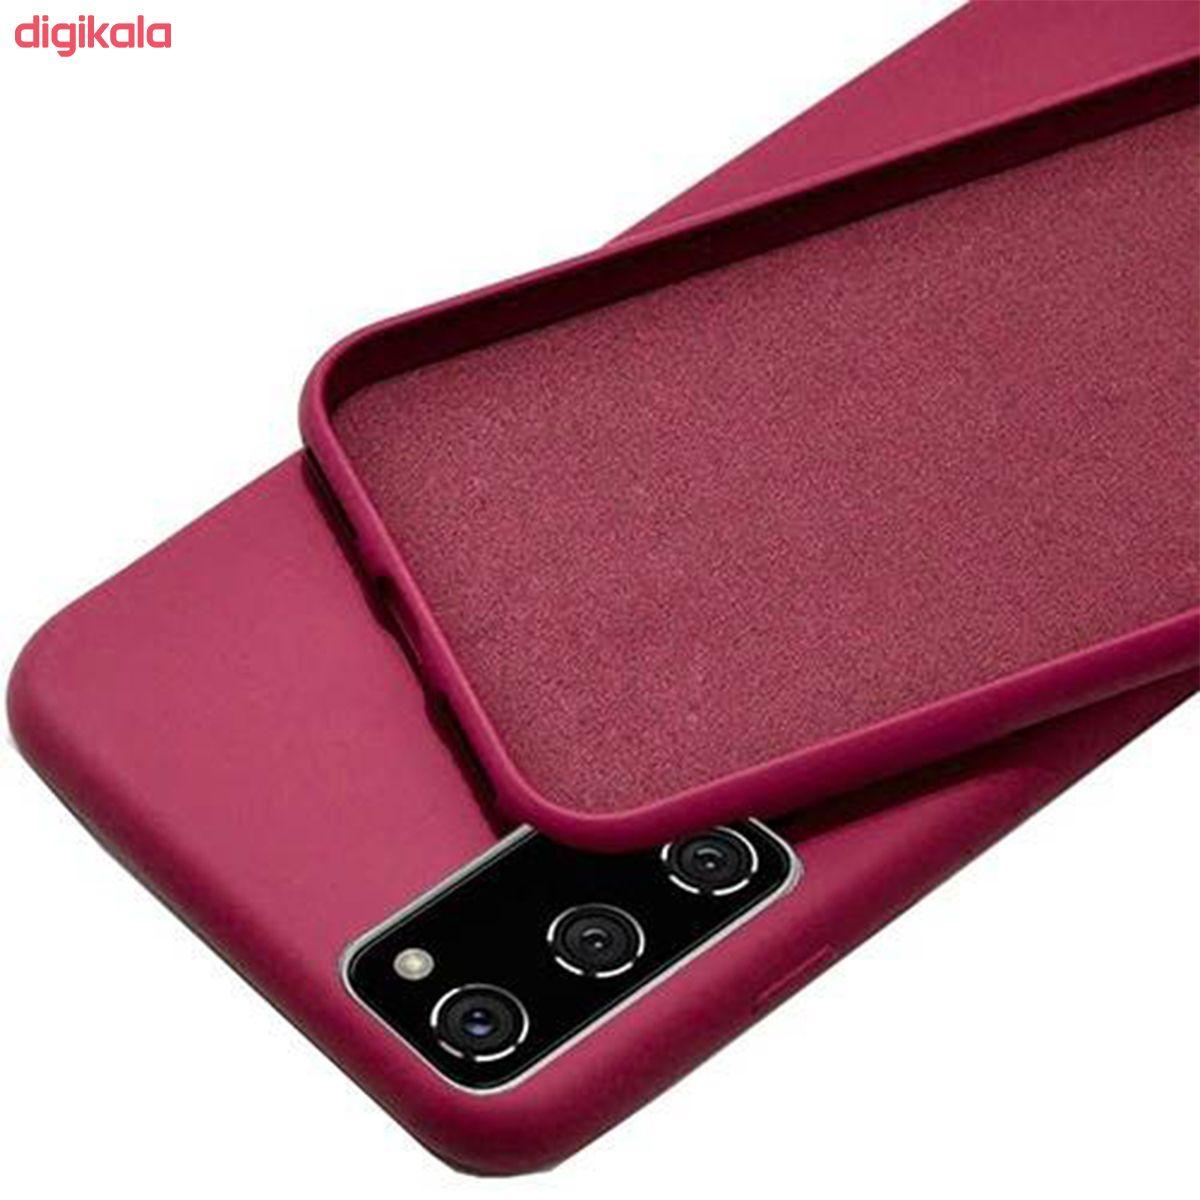 کاور مدل PHSIILK مناسب برای گوشی موبایل سامسونگ Galaxy S20 FE main 1 7